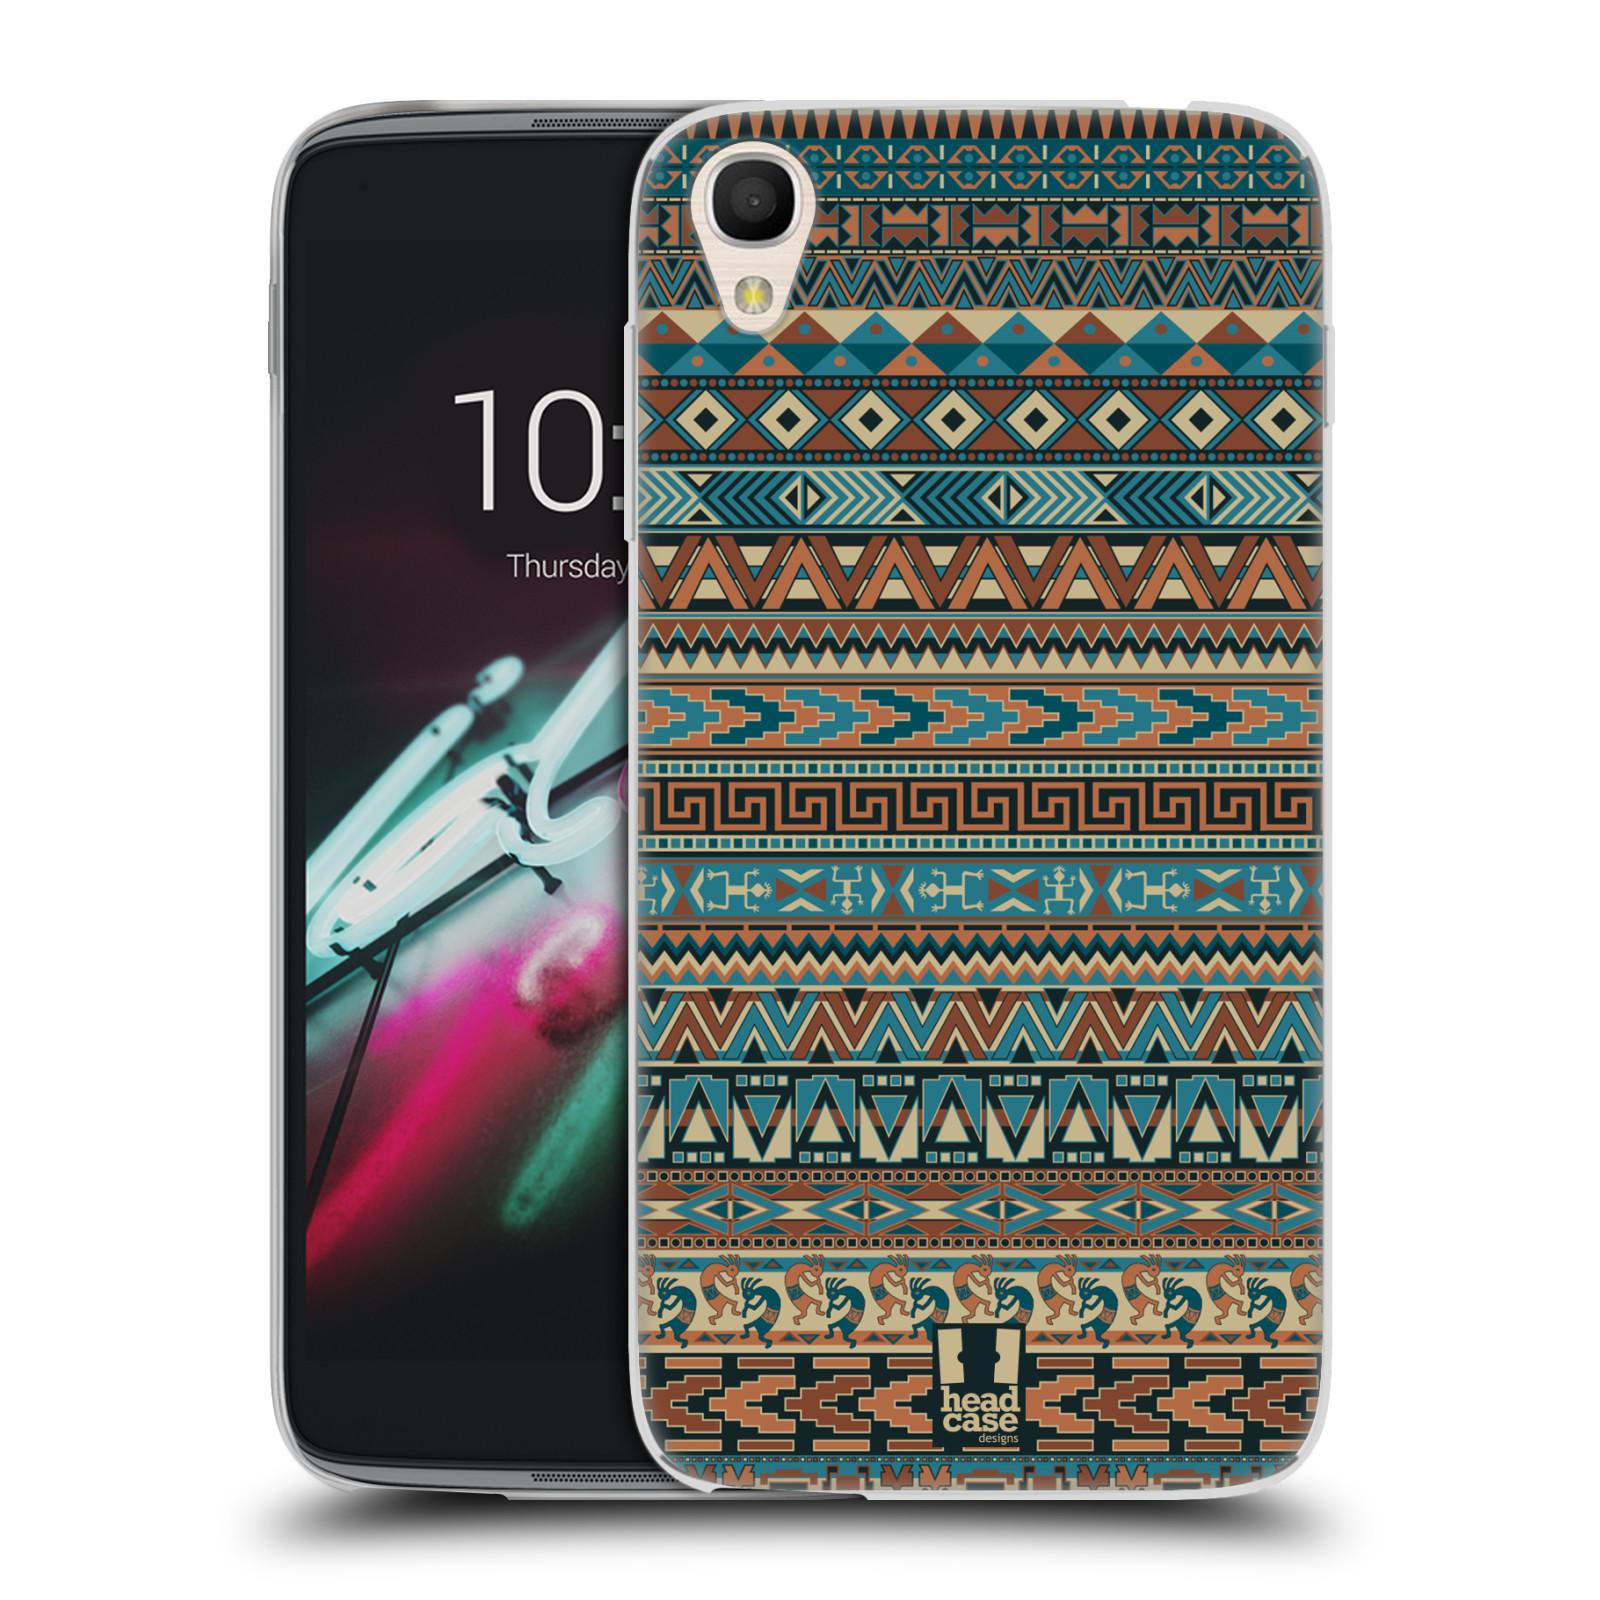 HEAD CASE silikonový obal na mobil Alcatel Idol 3 OT-6039Y (4.7) vzor Indiánský vzor MODRÁ